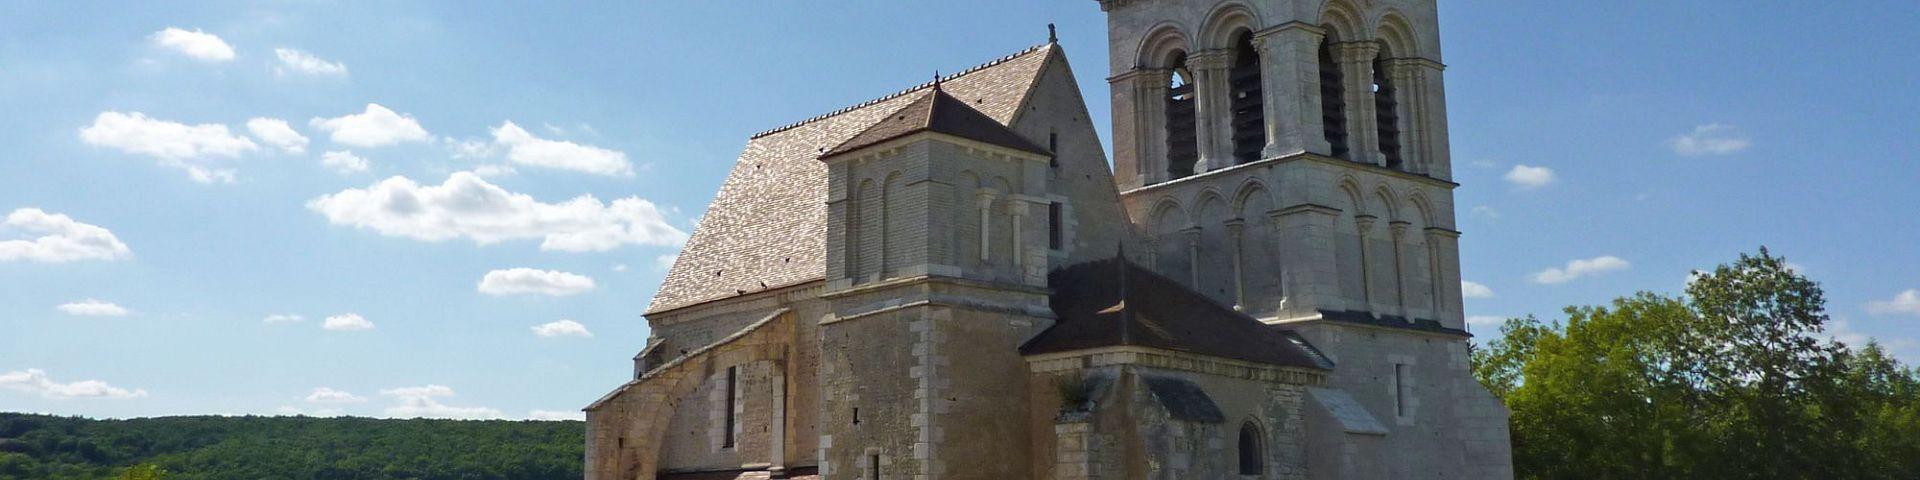 Prégilbert - Eglise (89)